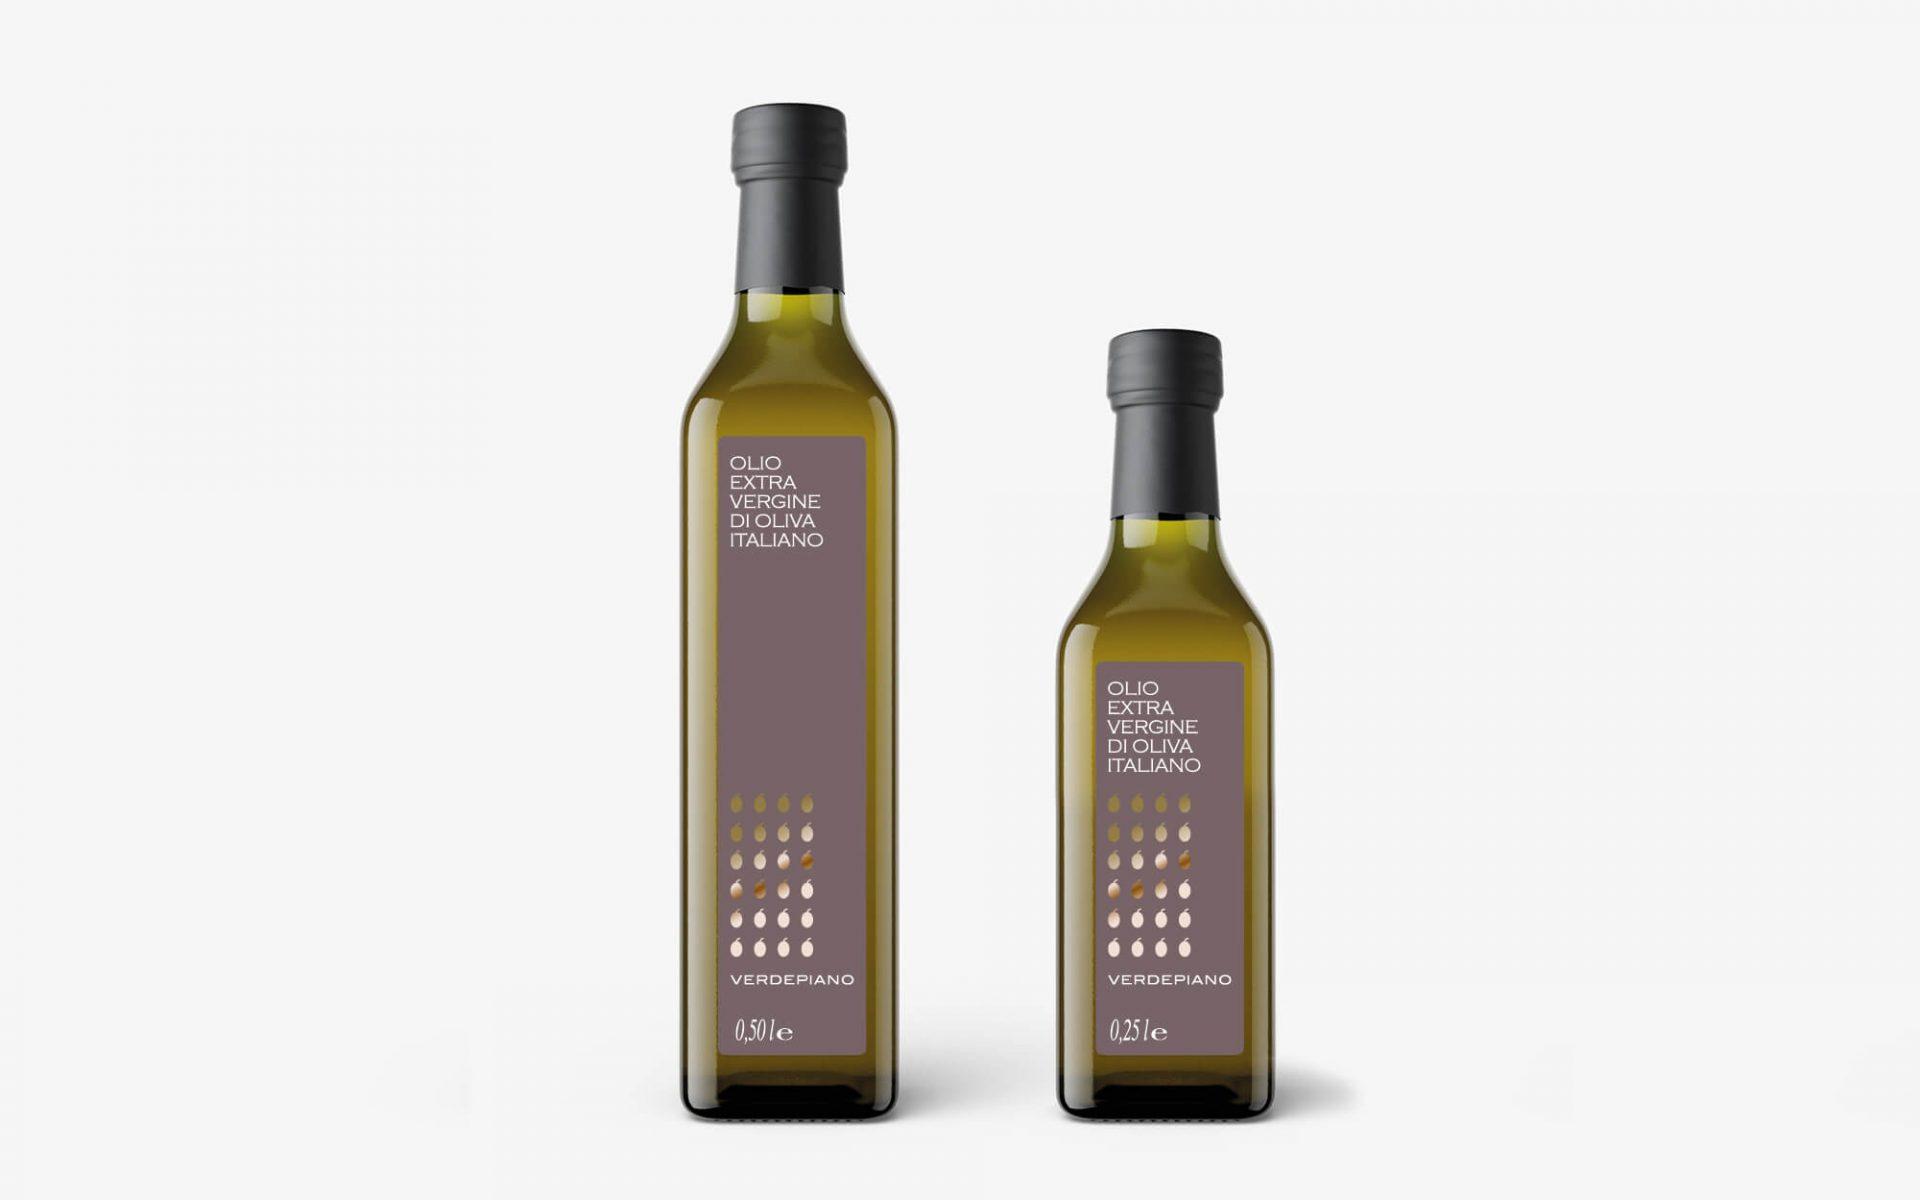 progetto per etichetta per bottiglia olio oliva, progettata dallo studio grafico Diade di Arco Tn, per il campeggio Verdepiano. Stampa oro caldo su fondo tortora